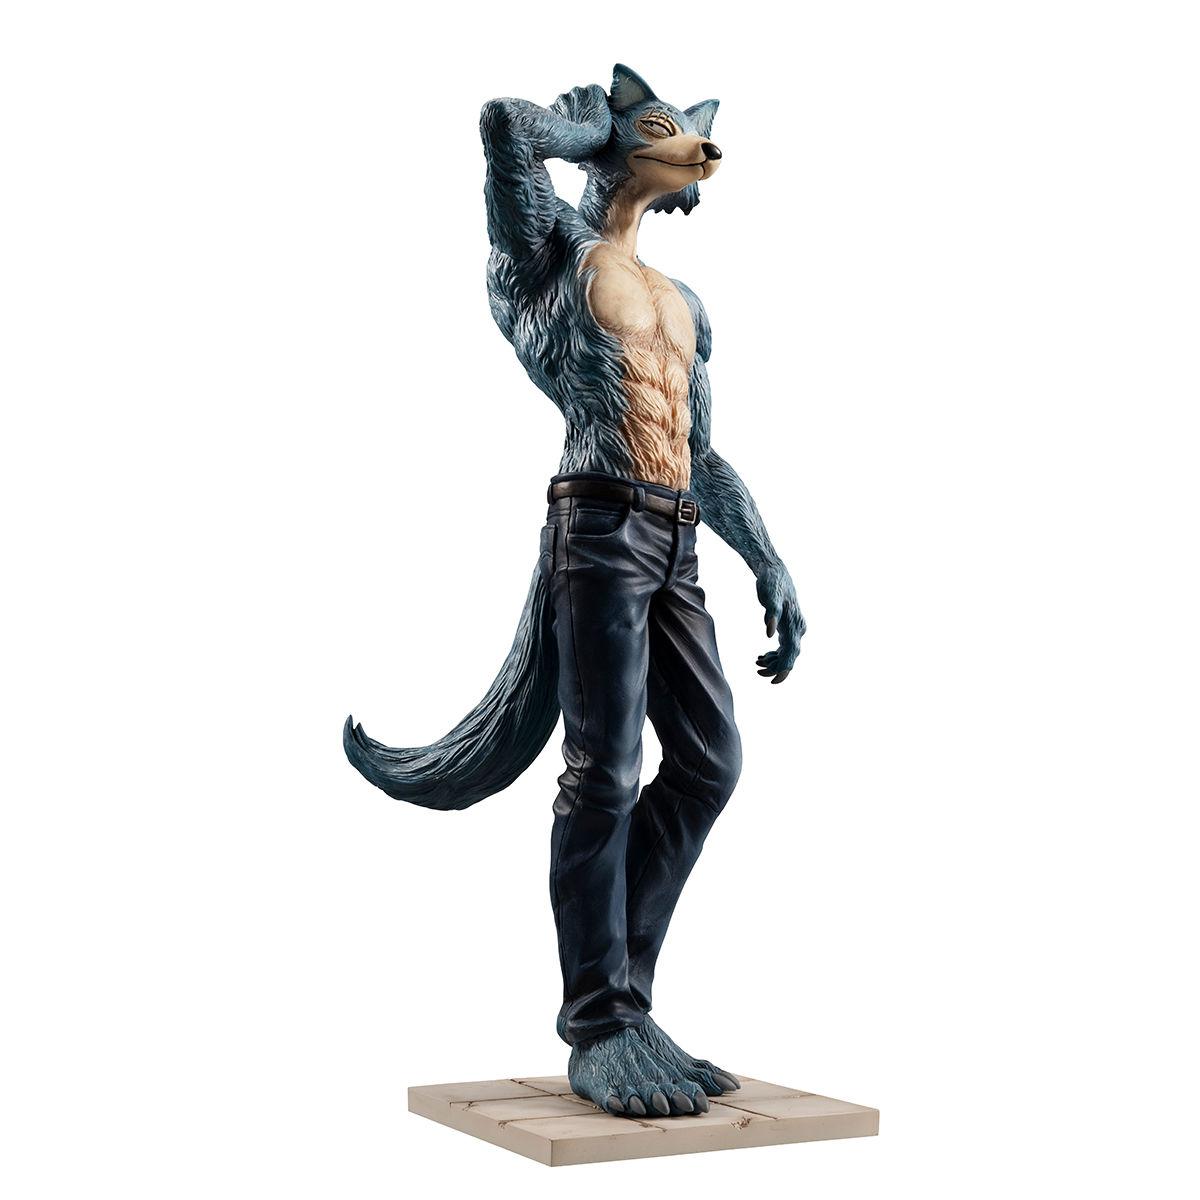 【限定販売】BEASTARS『ハイイロオオカミのレゴシ』1/8 完成品フィギュア-010